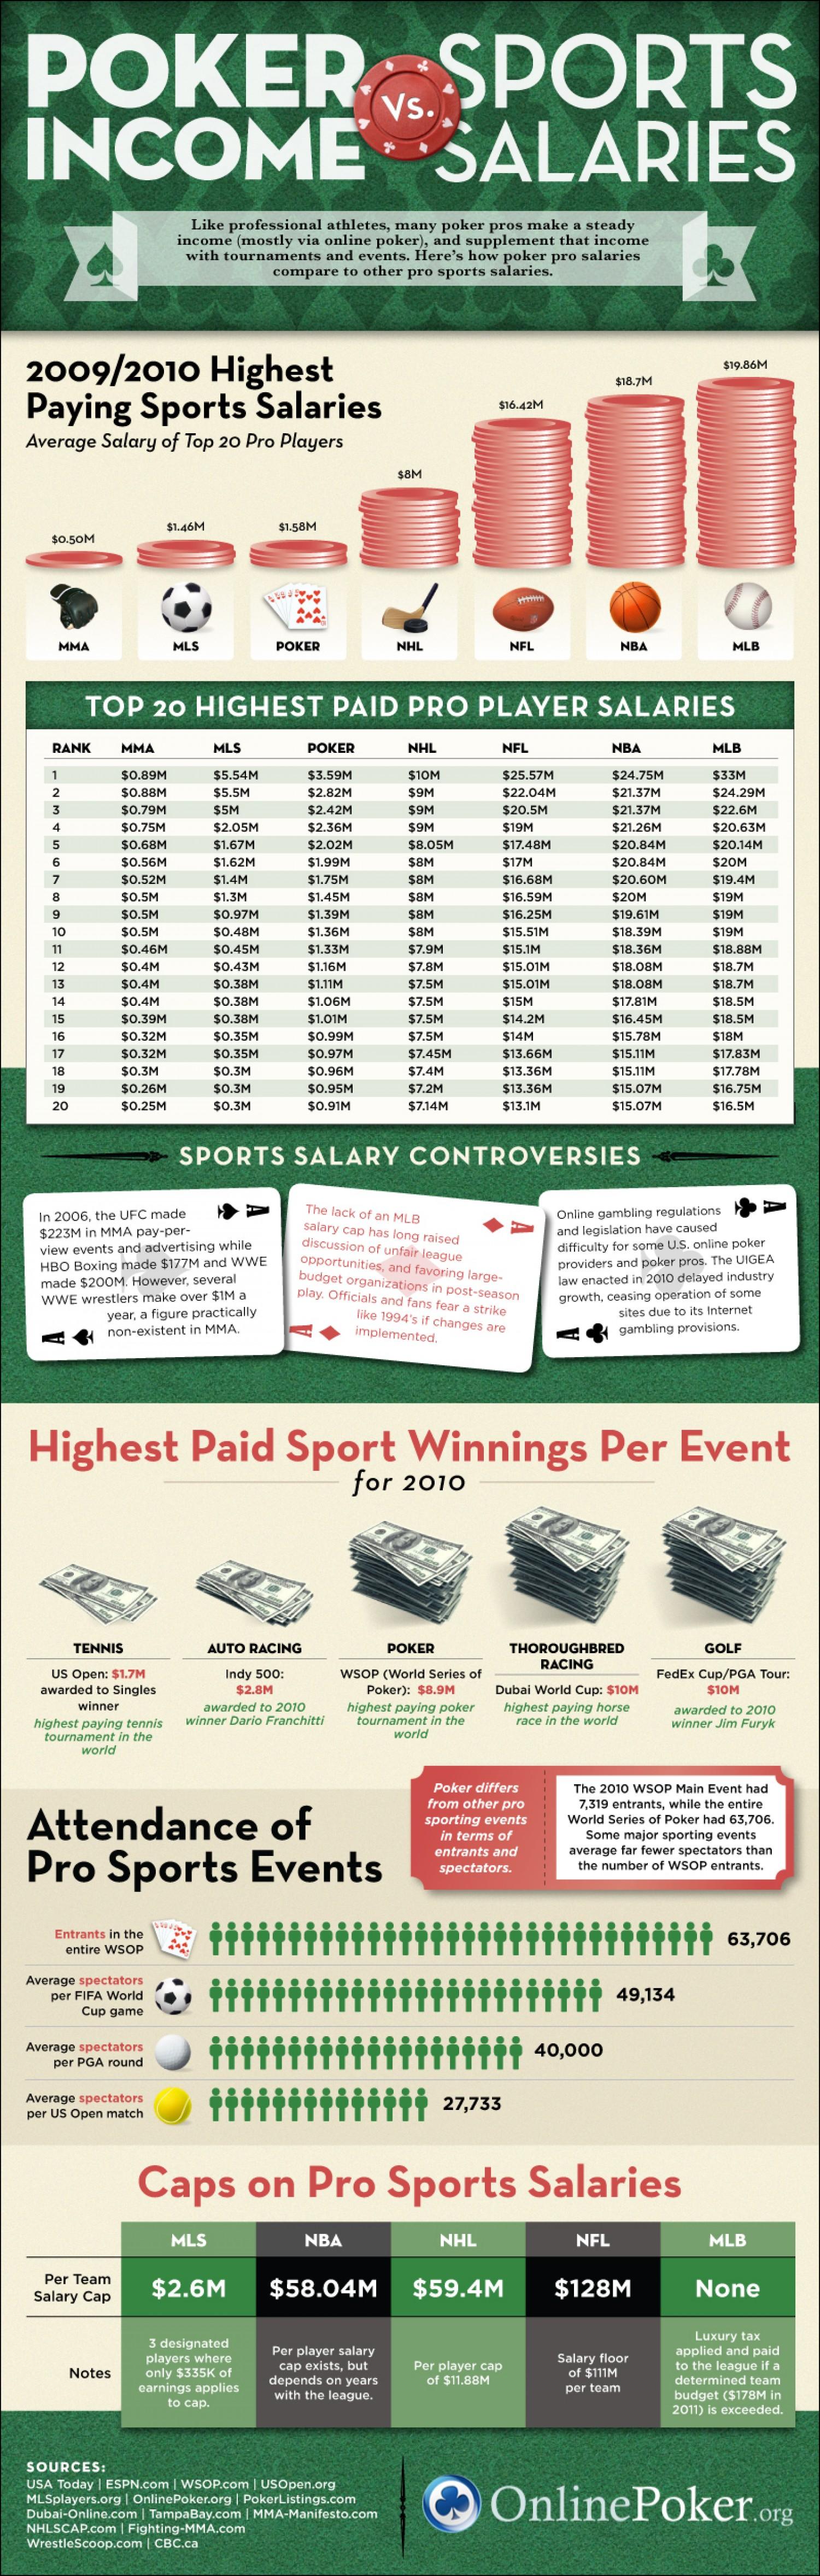 Poker Earnings Vs Sports Earnings